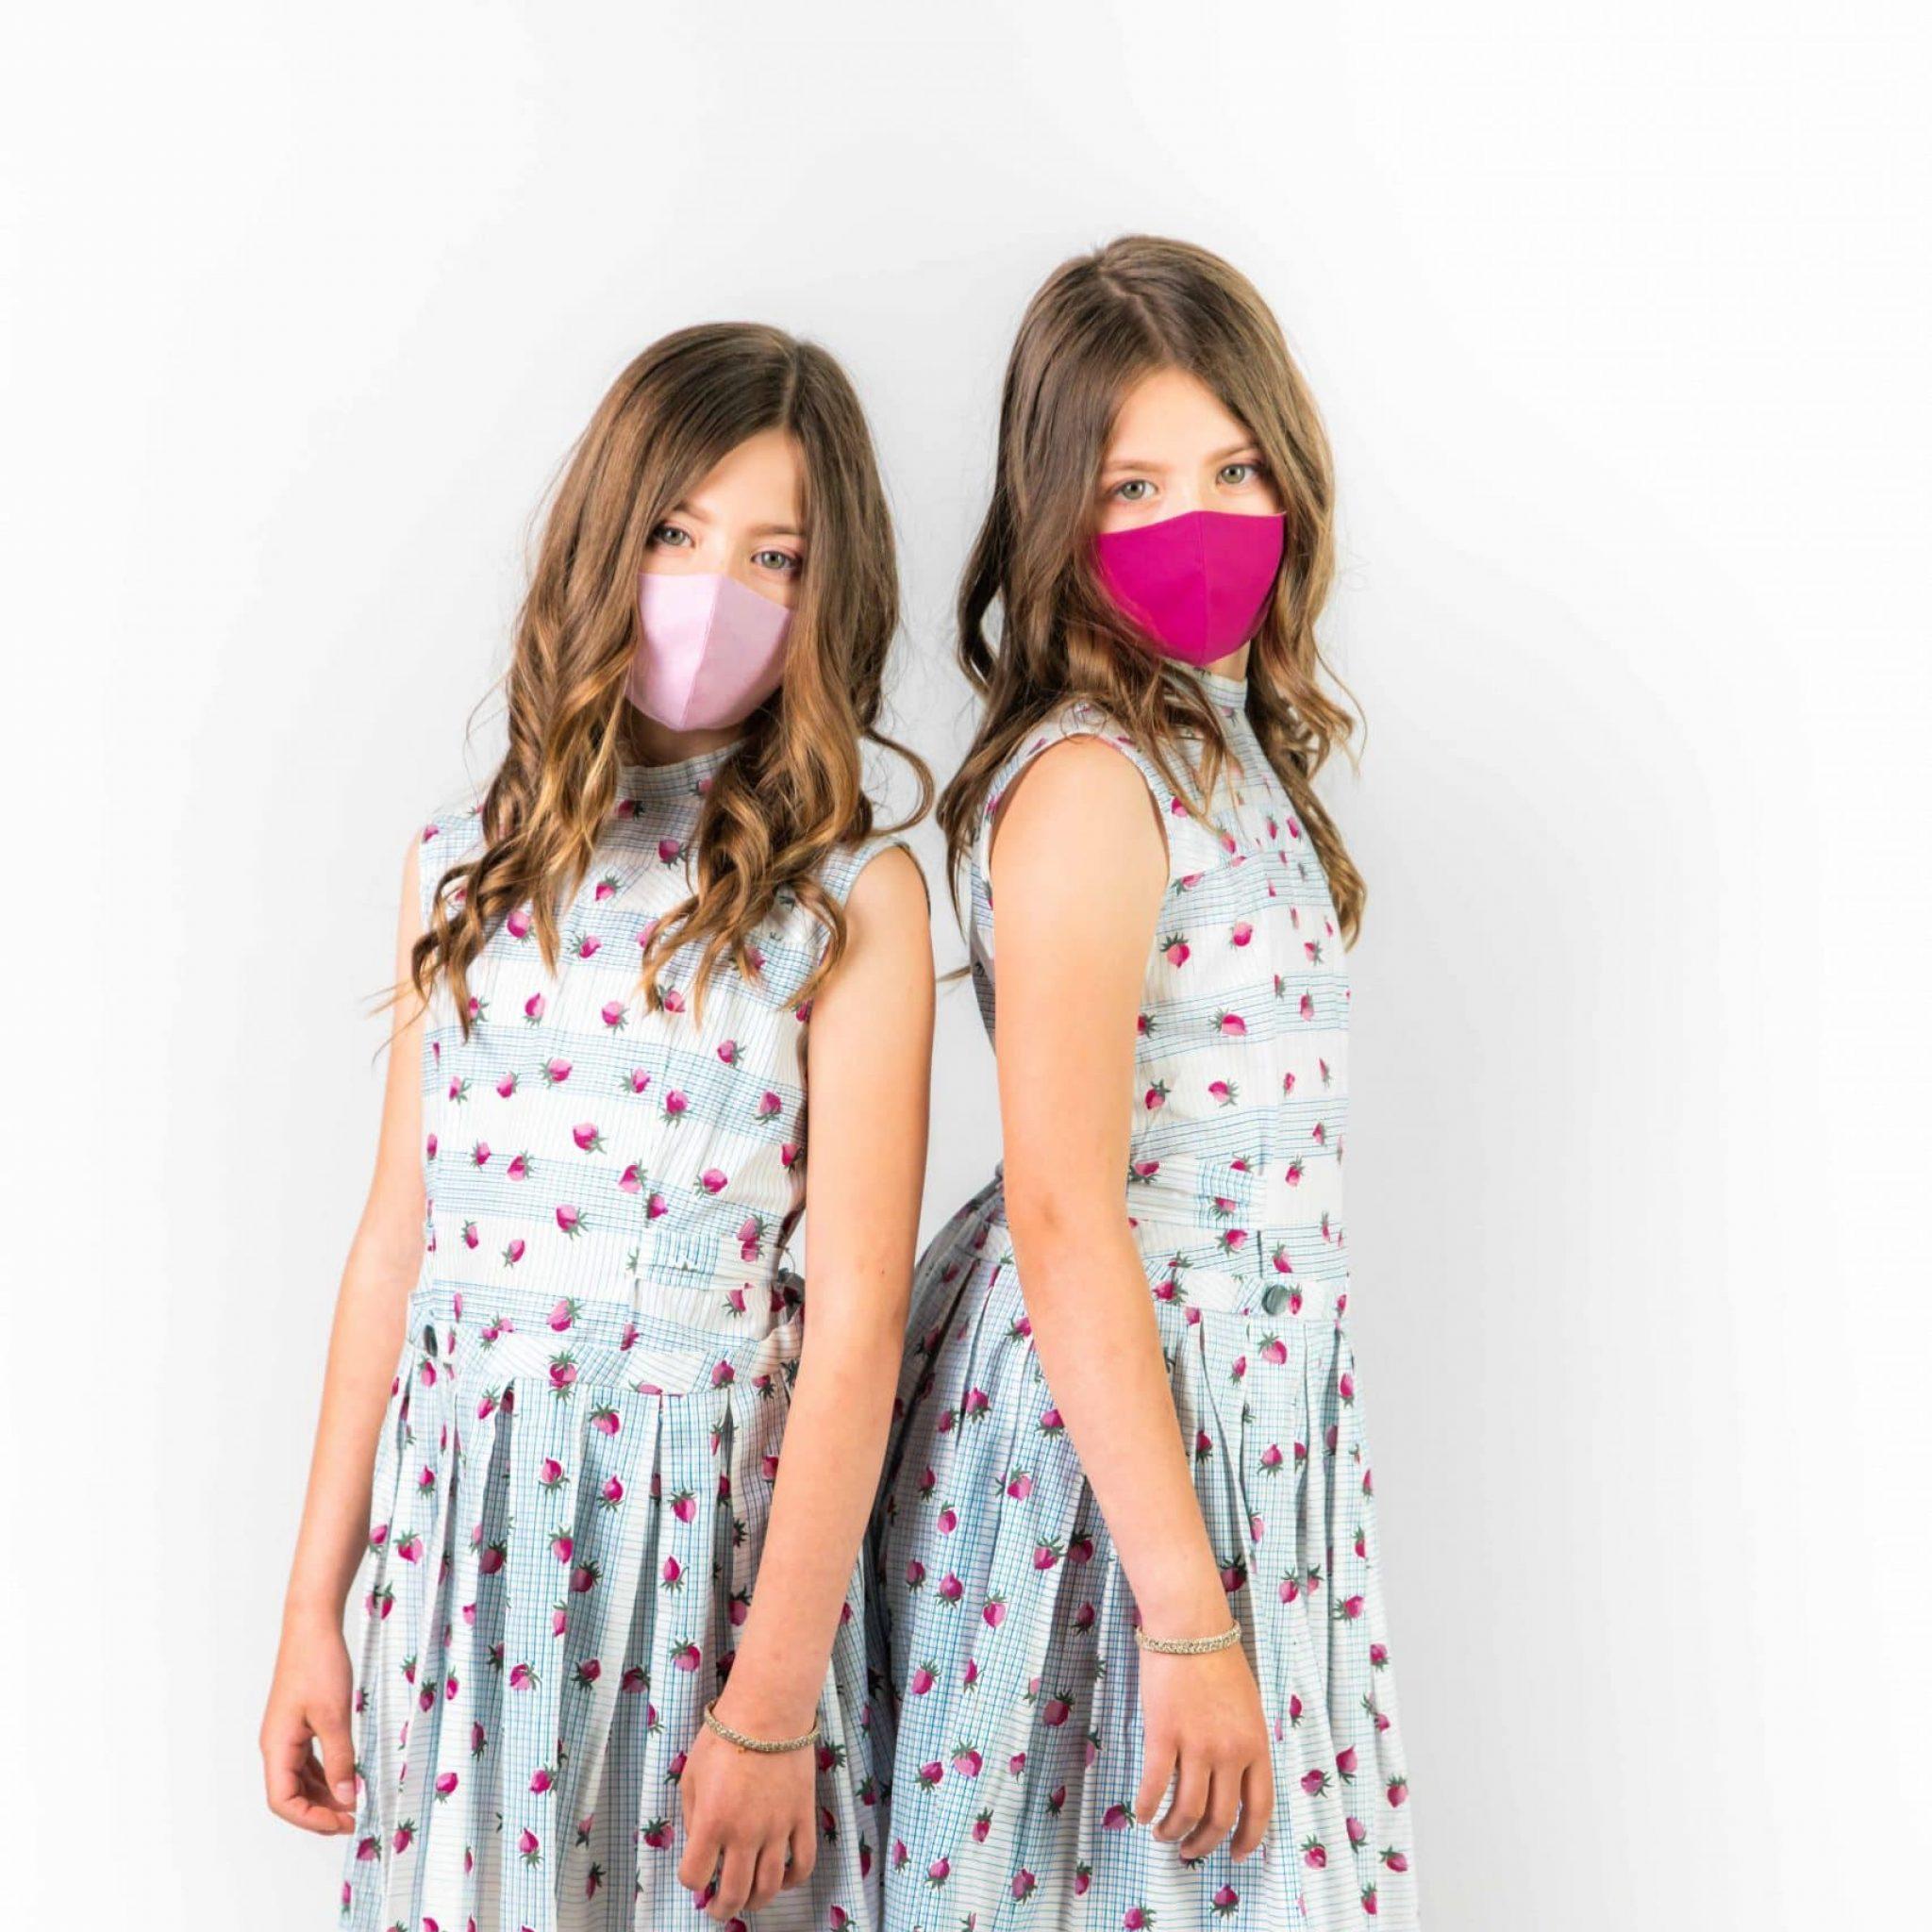 Studioaufnahme von zwei Mädchen, Zwillingen, in Kleider, beide tragen Masken in Pink und Rosa, Smile for Change Maske, My Blossom, Produktfotografie, WINGMEN Media